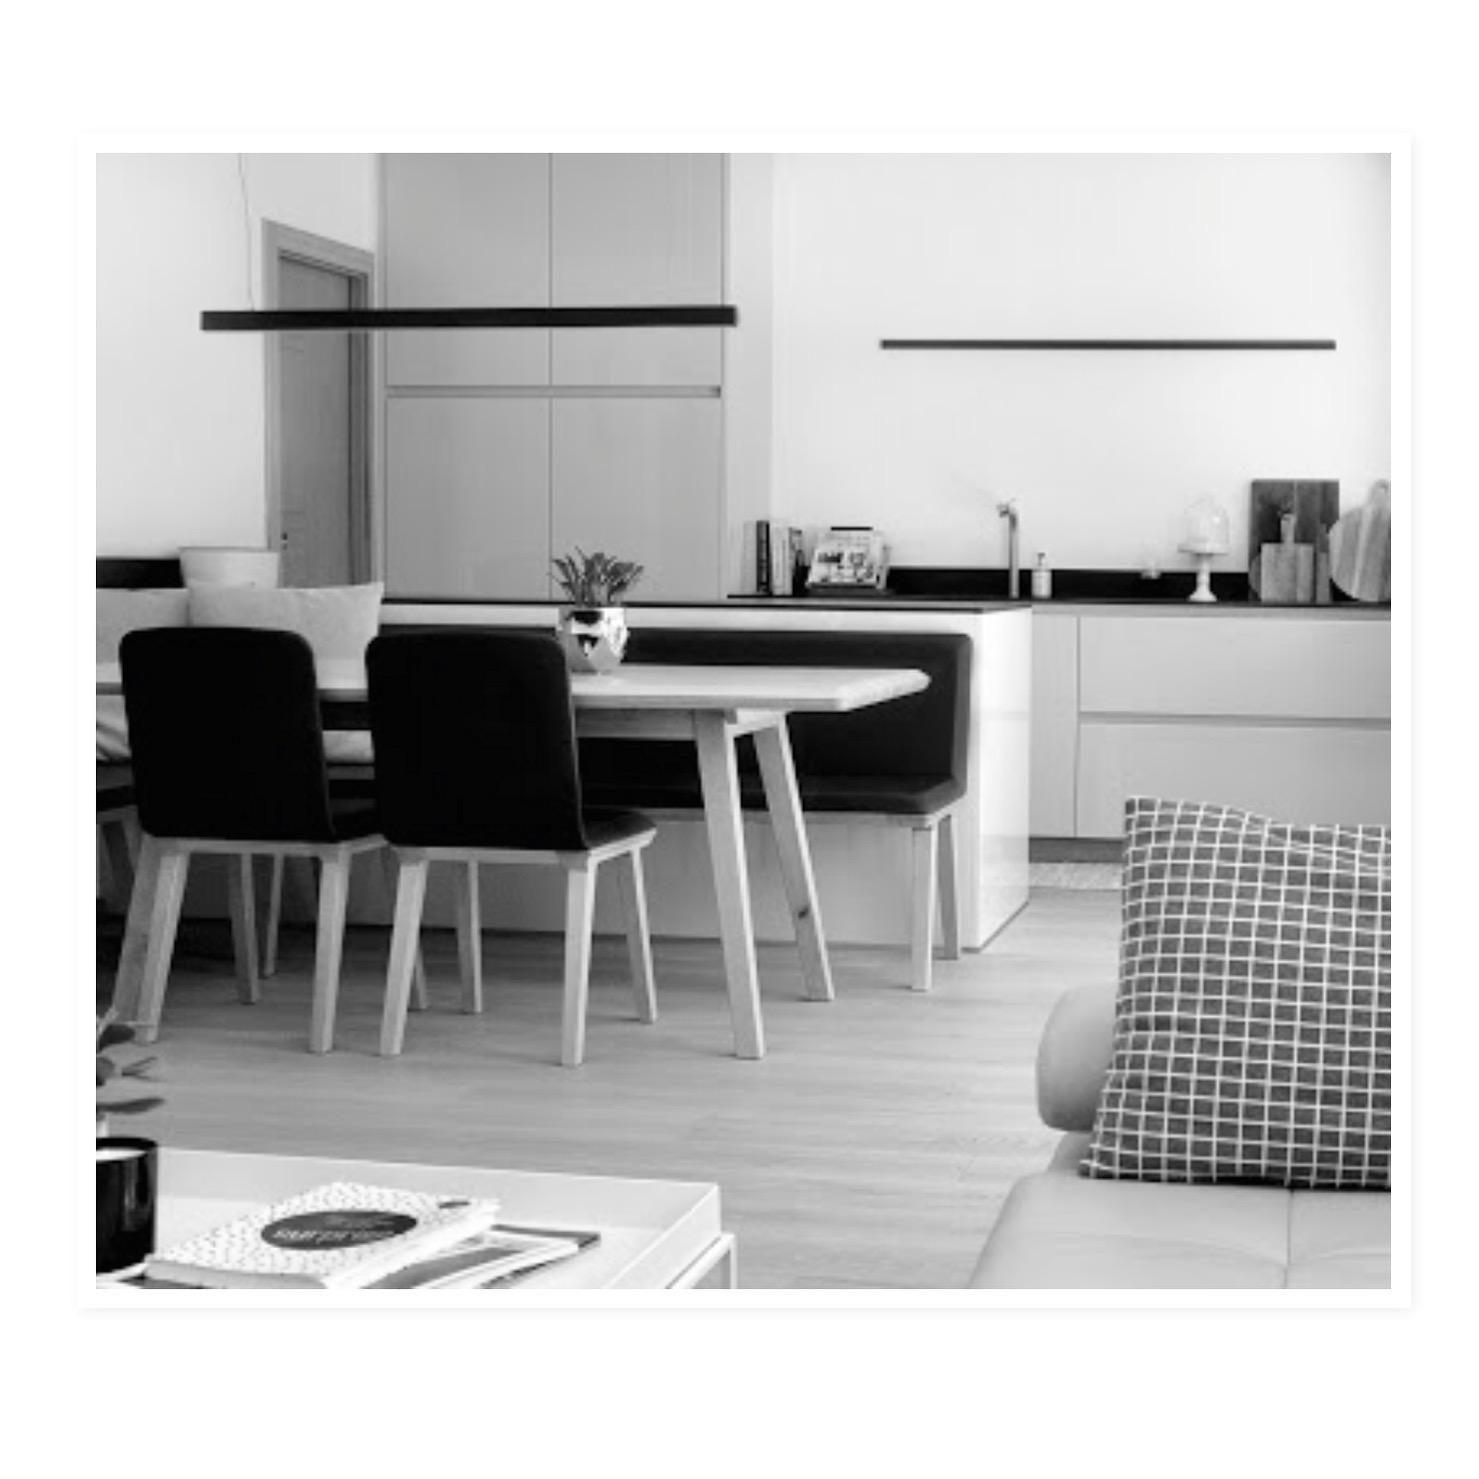 Bezaubernd Essplatz Küche Sammlung Von Ein Einblick In Unsere Küche. #kitchen #kitchenlove